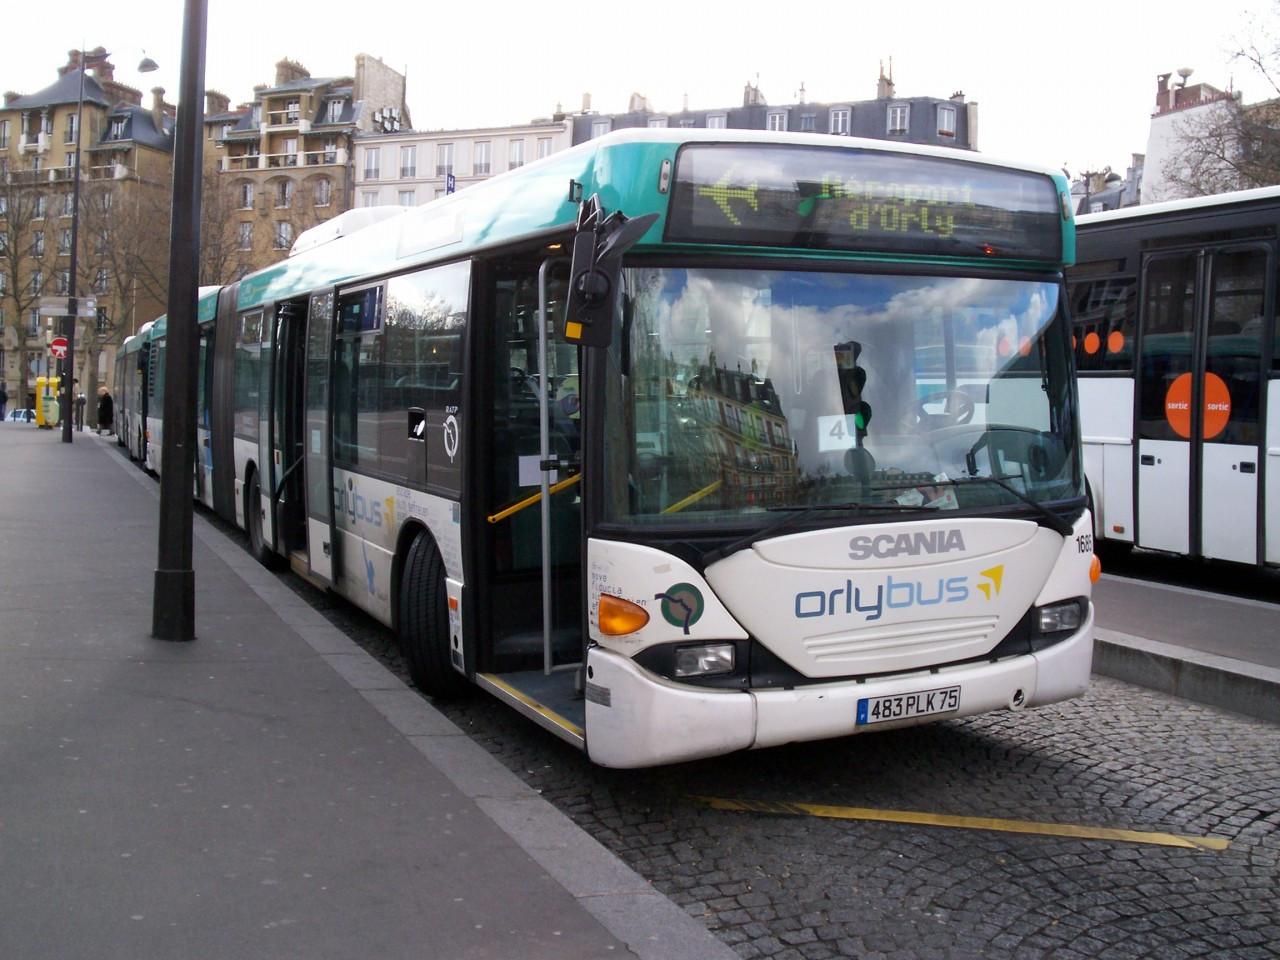 Le Bus Direct (ex Les Cars Air France) - navetta tra aeroporti stazioni e centro Parigi - Info, orari e biglietti